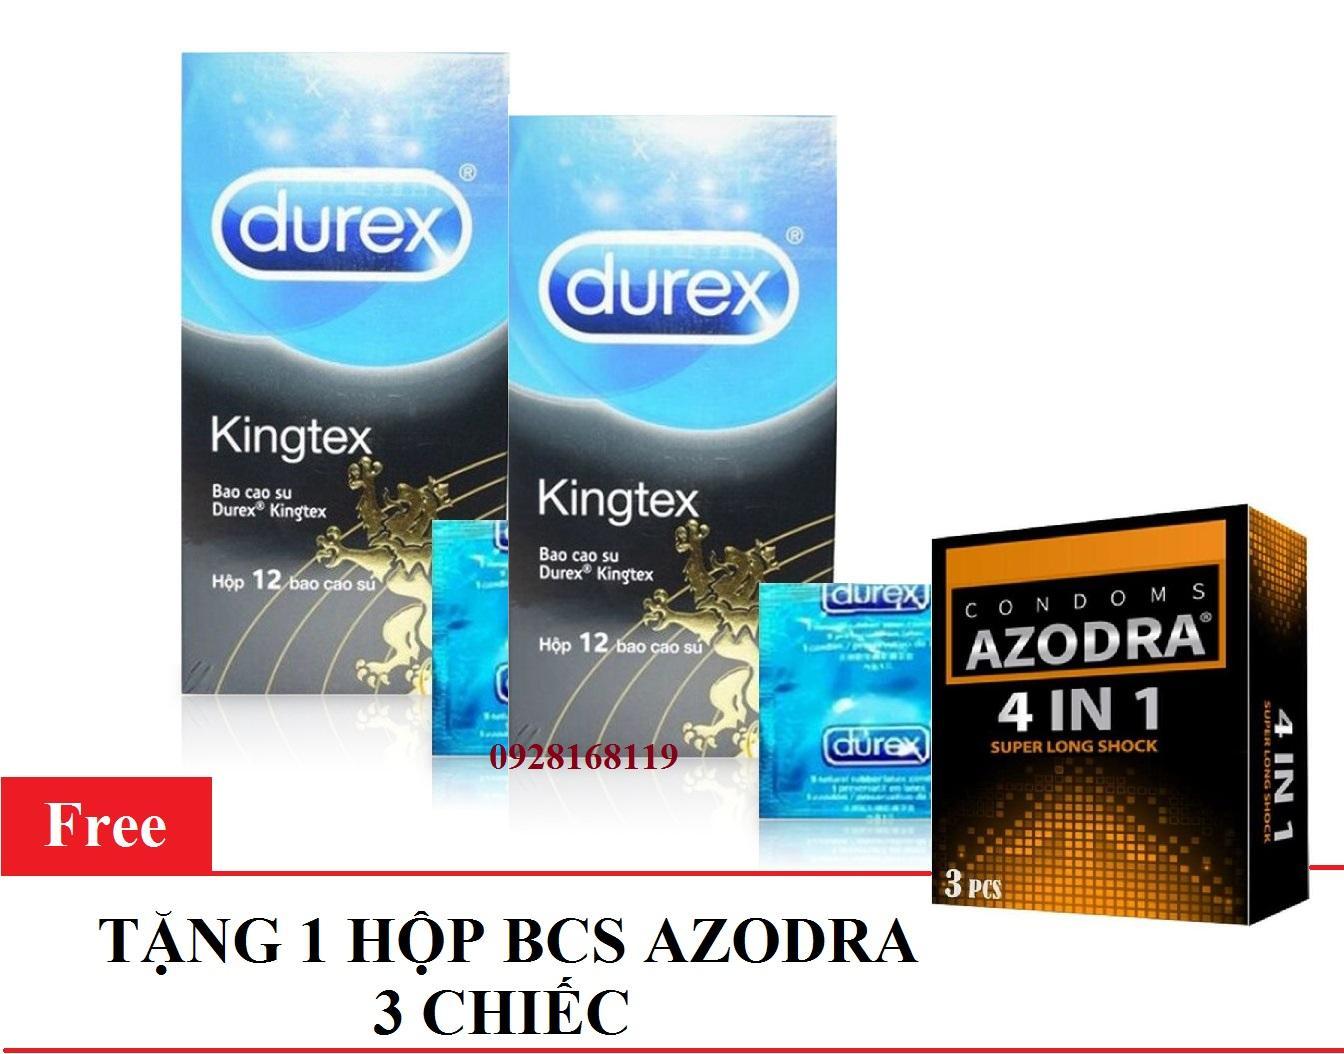 Combo 2 hộp Bao cao su Durex Kingtex size nhỏ 49mm - Không lo tuột bao hộp 12 cái  tặng 1 hộp bcs AZODRA 3 cái cao cấp